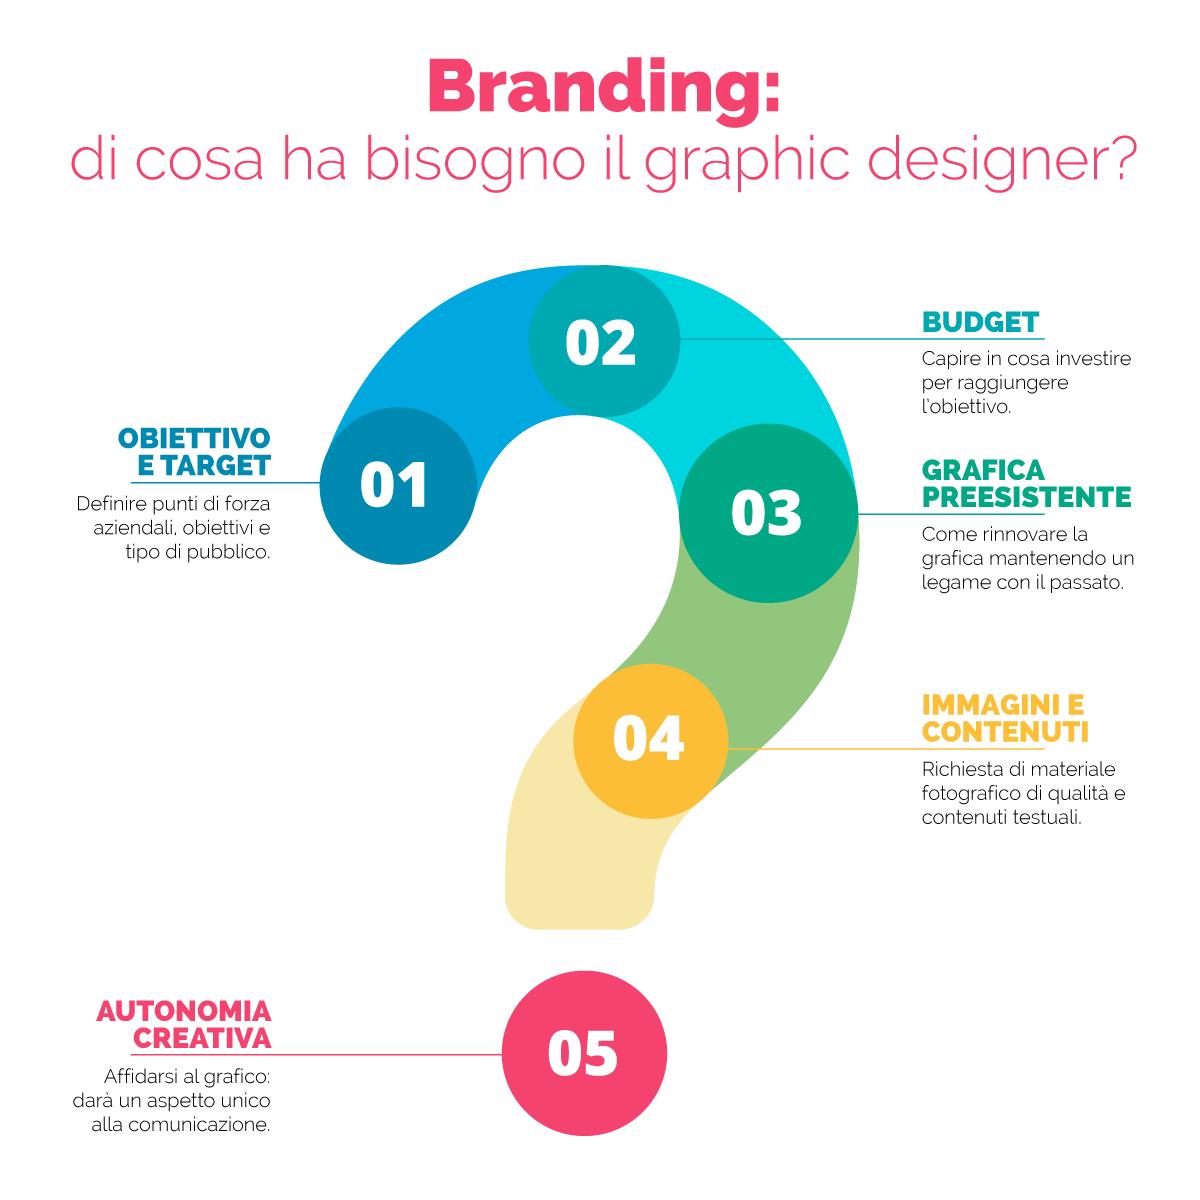 Branding: di cosa ha bisogno il graphic designer?